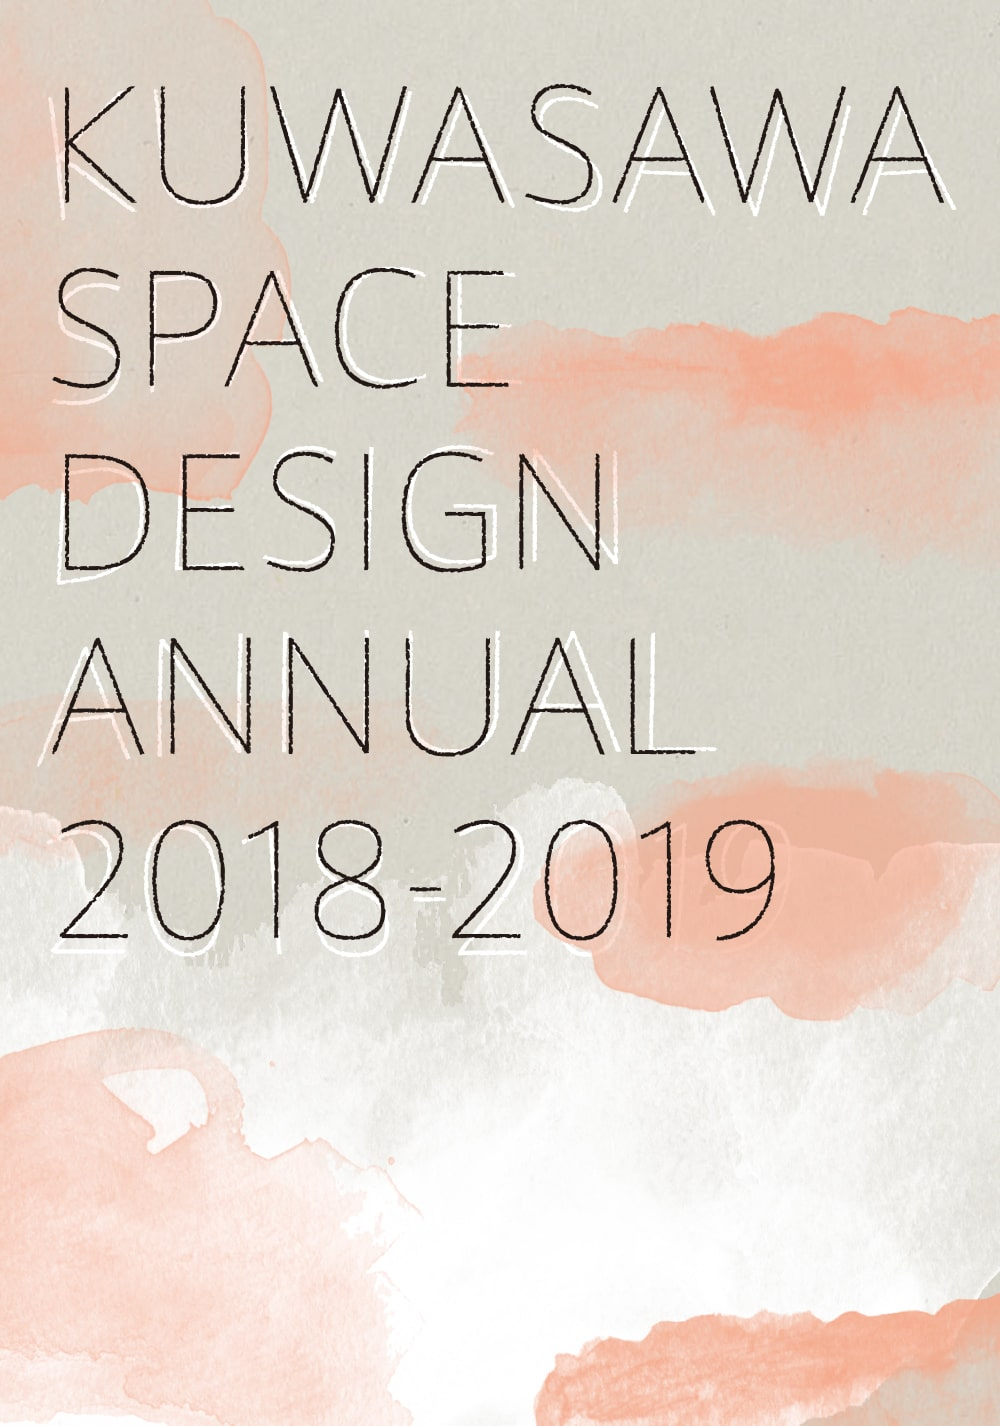 KUWASAWA SPACE DESIGN ANNUAL 2018-2019